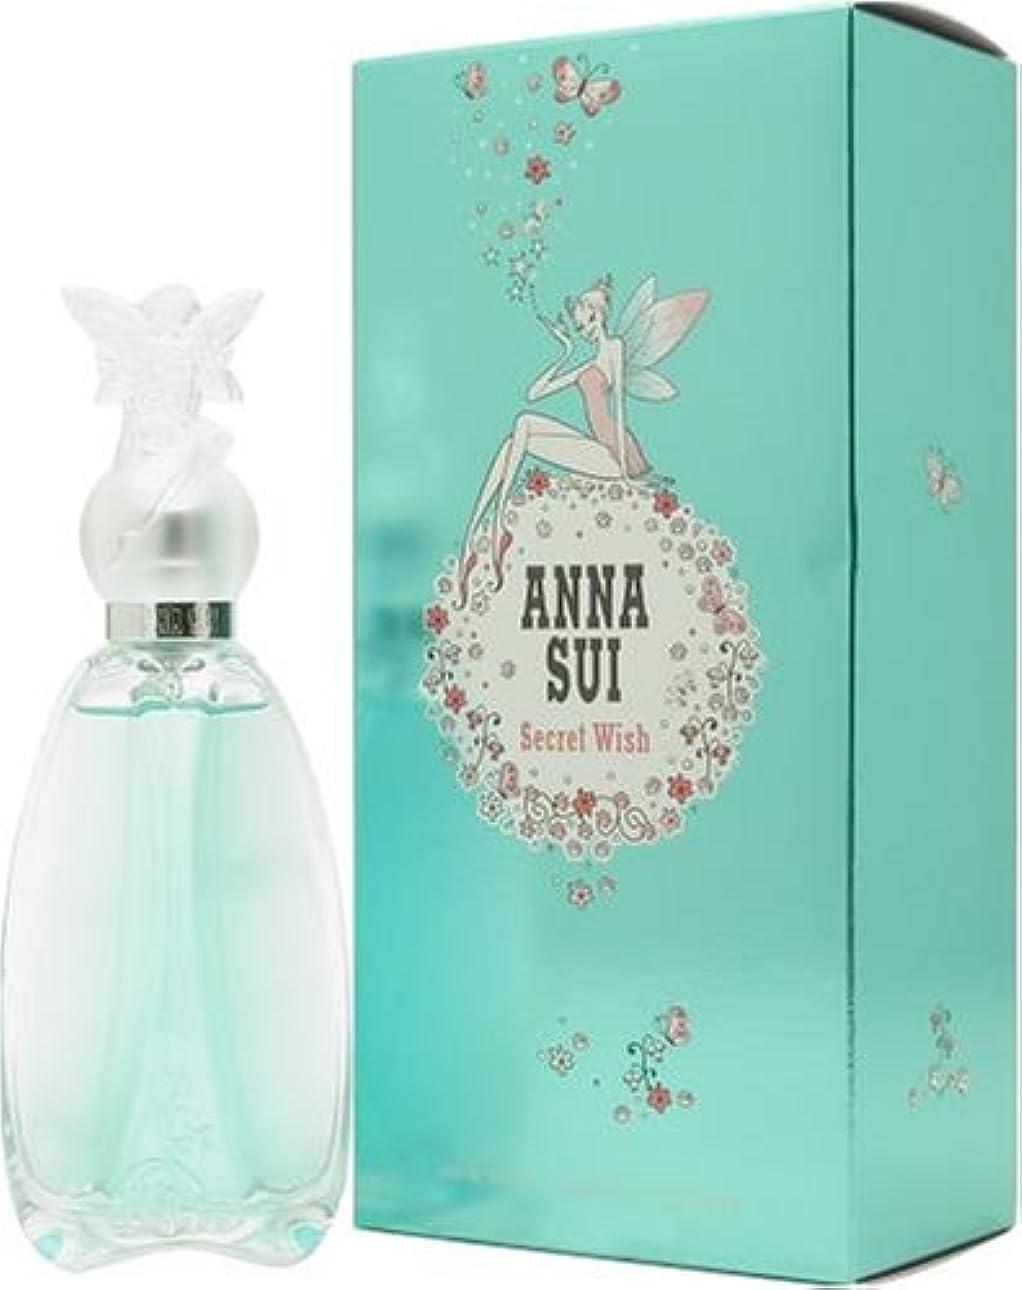 汚染されたパッケージスラムアナスイ ANNA SUI シークレット ウィッシュ オードトワレ EDT 30mL 香水